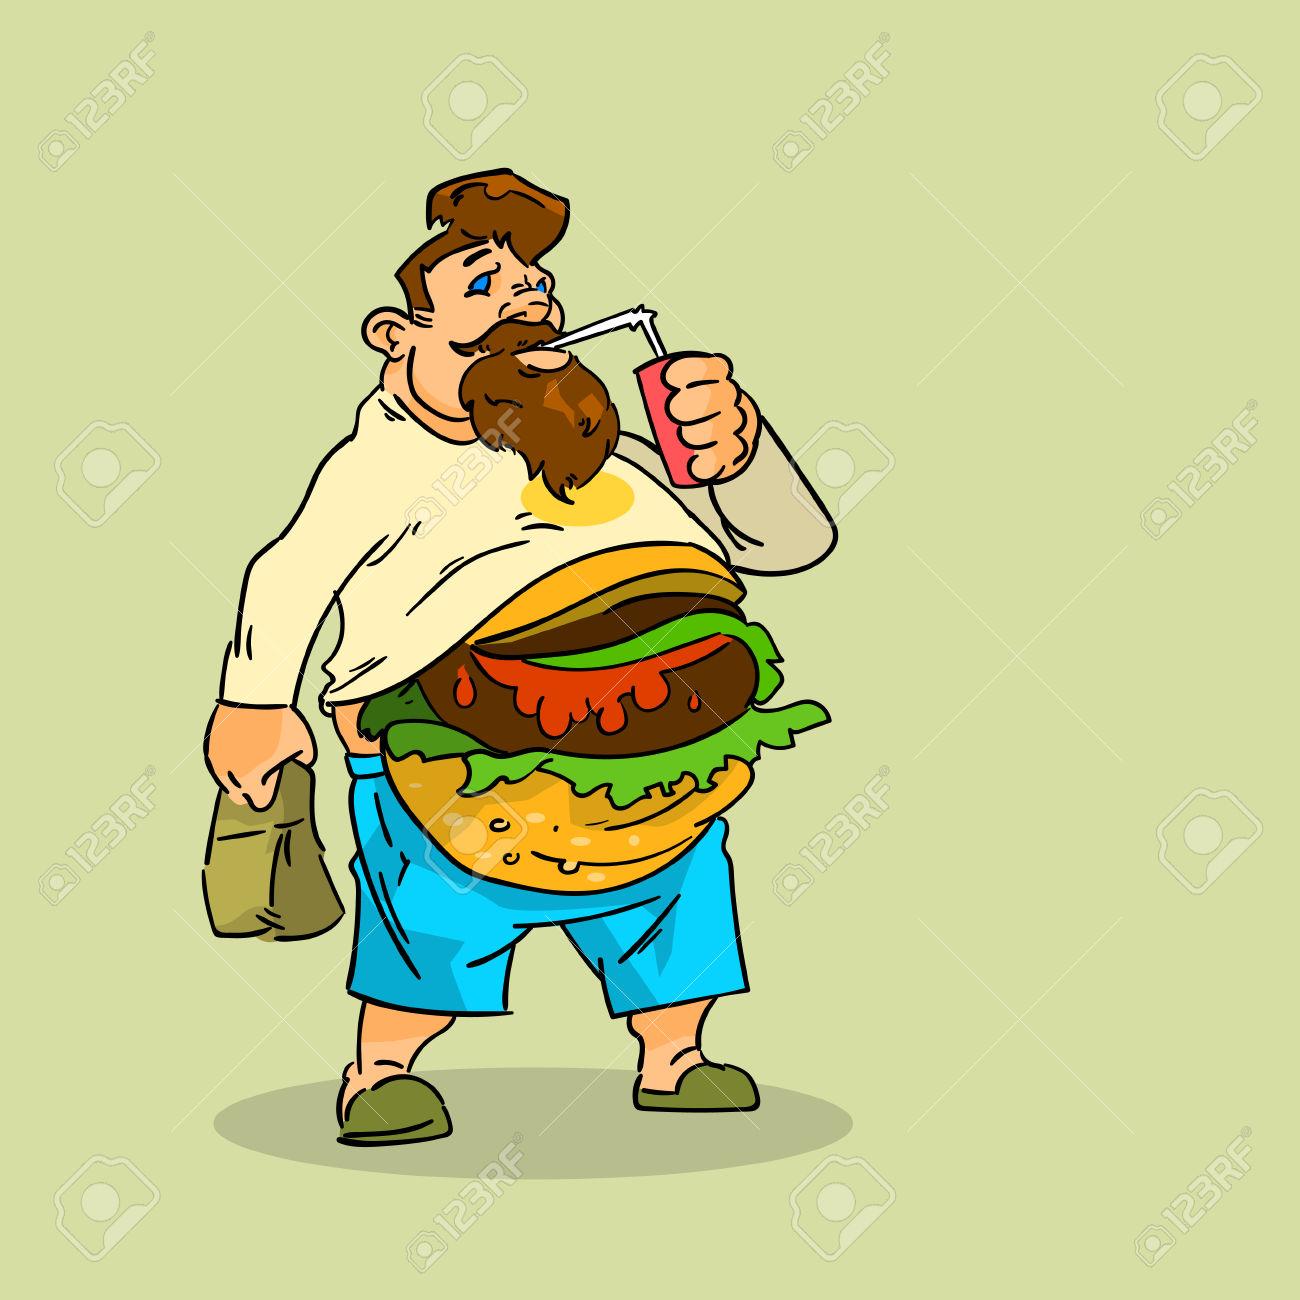 Ungesundes essen clipart vector royalty free stock Fat Man Essen Burger Sandwich-Soda-Getränk Junk Ungesundes Fast ... vector royalty free stock